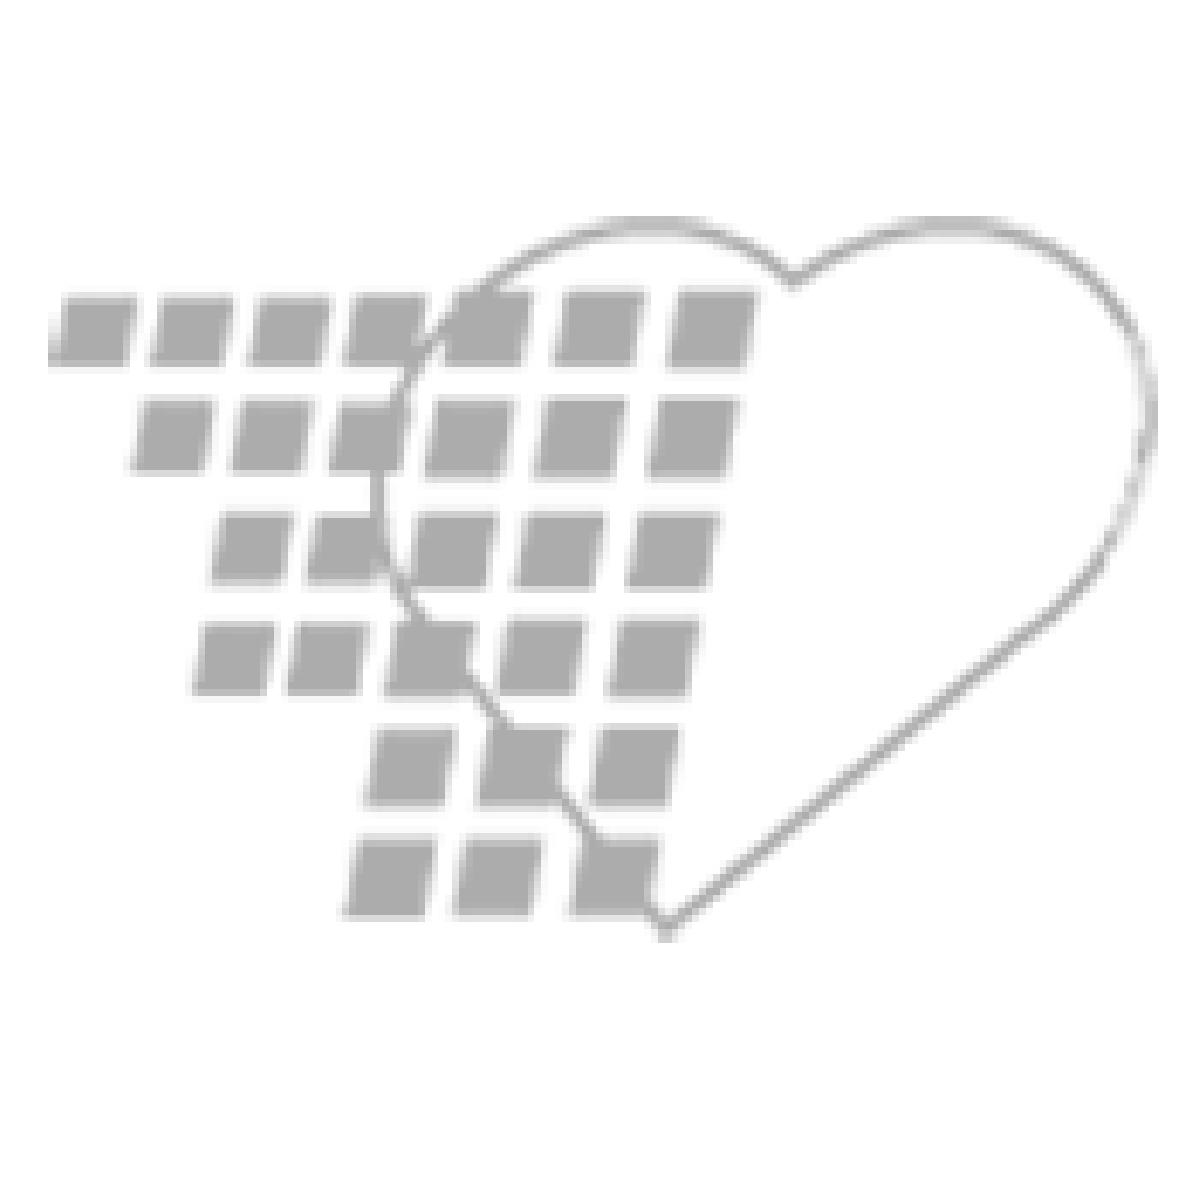 06-21-8700 Phlebotomy Tray